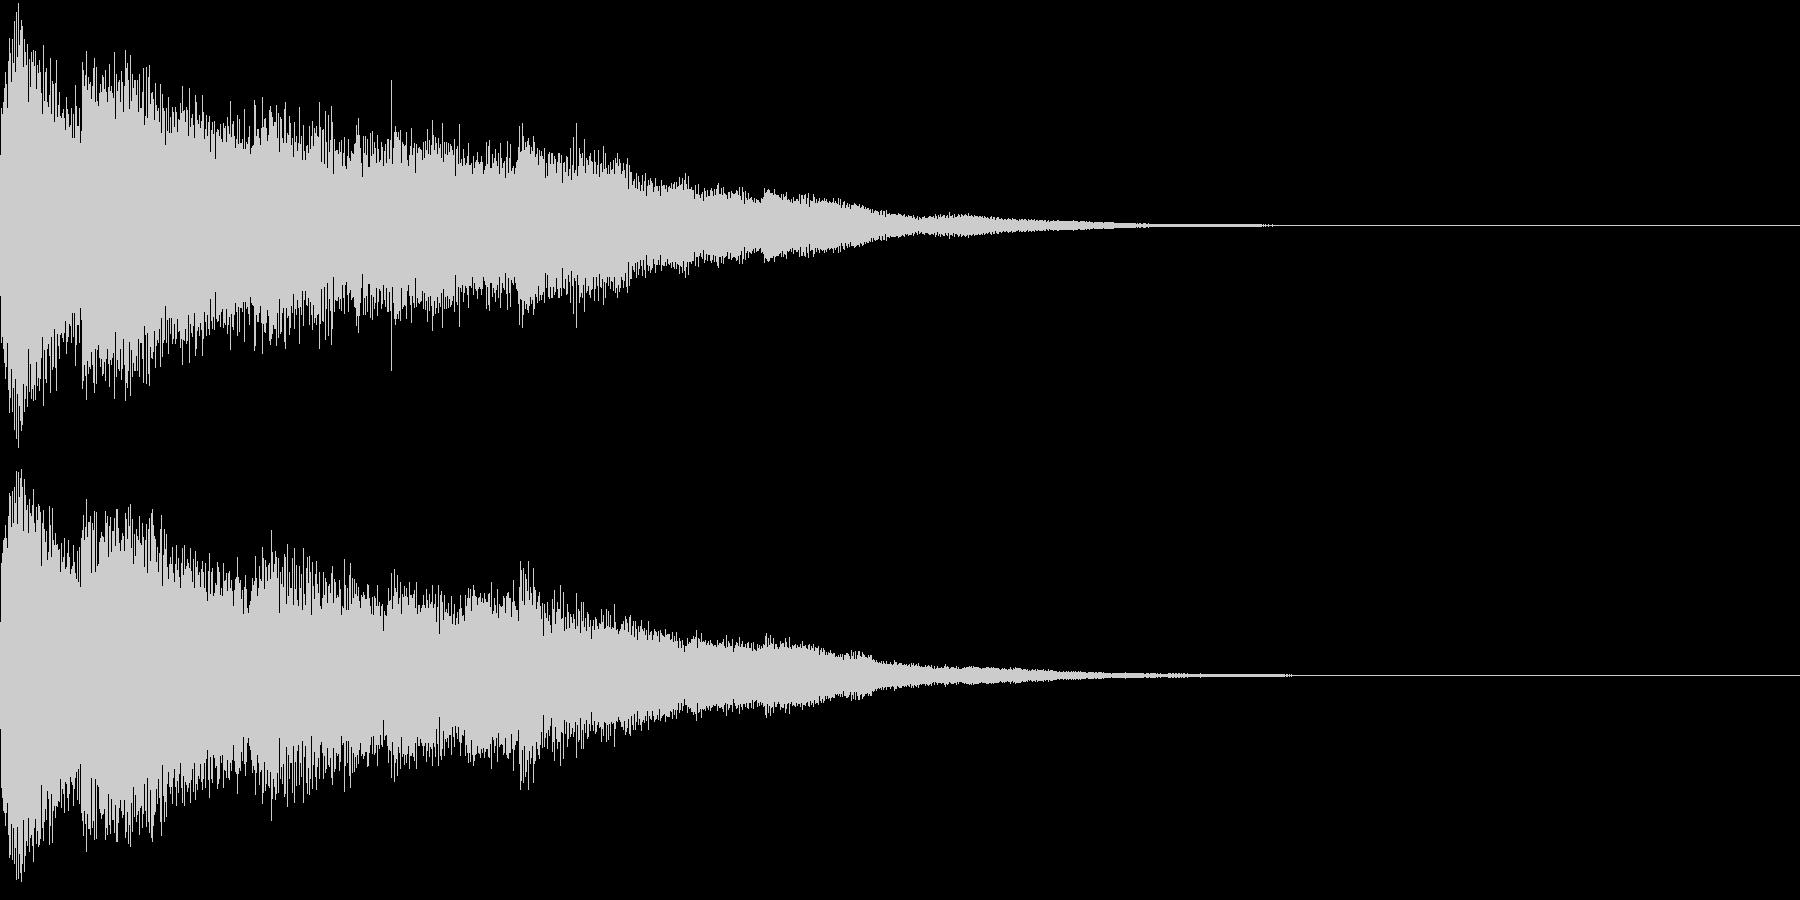 ピコン ピコ チャリン キラーンの未再生の波形